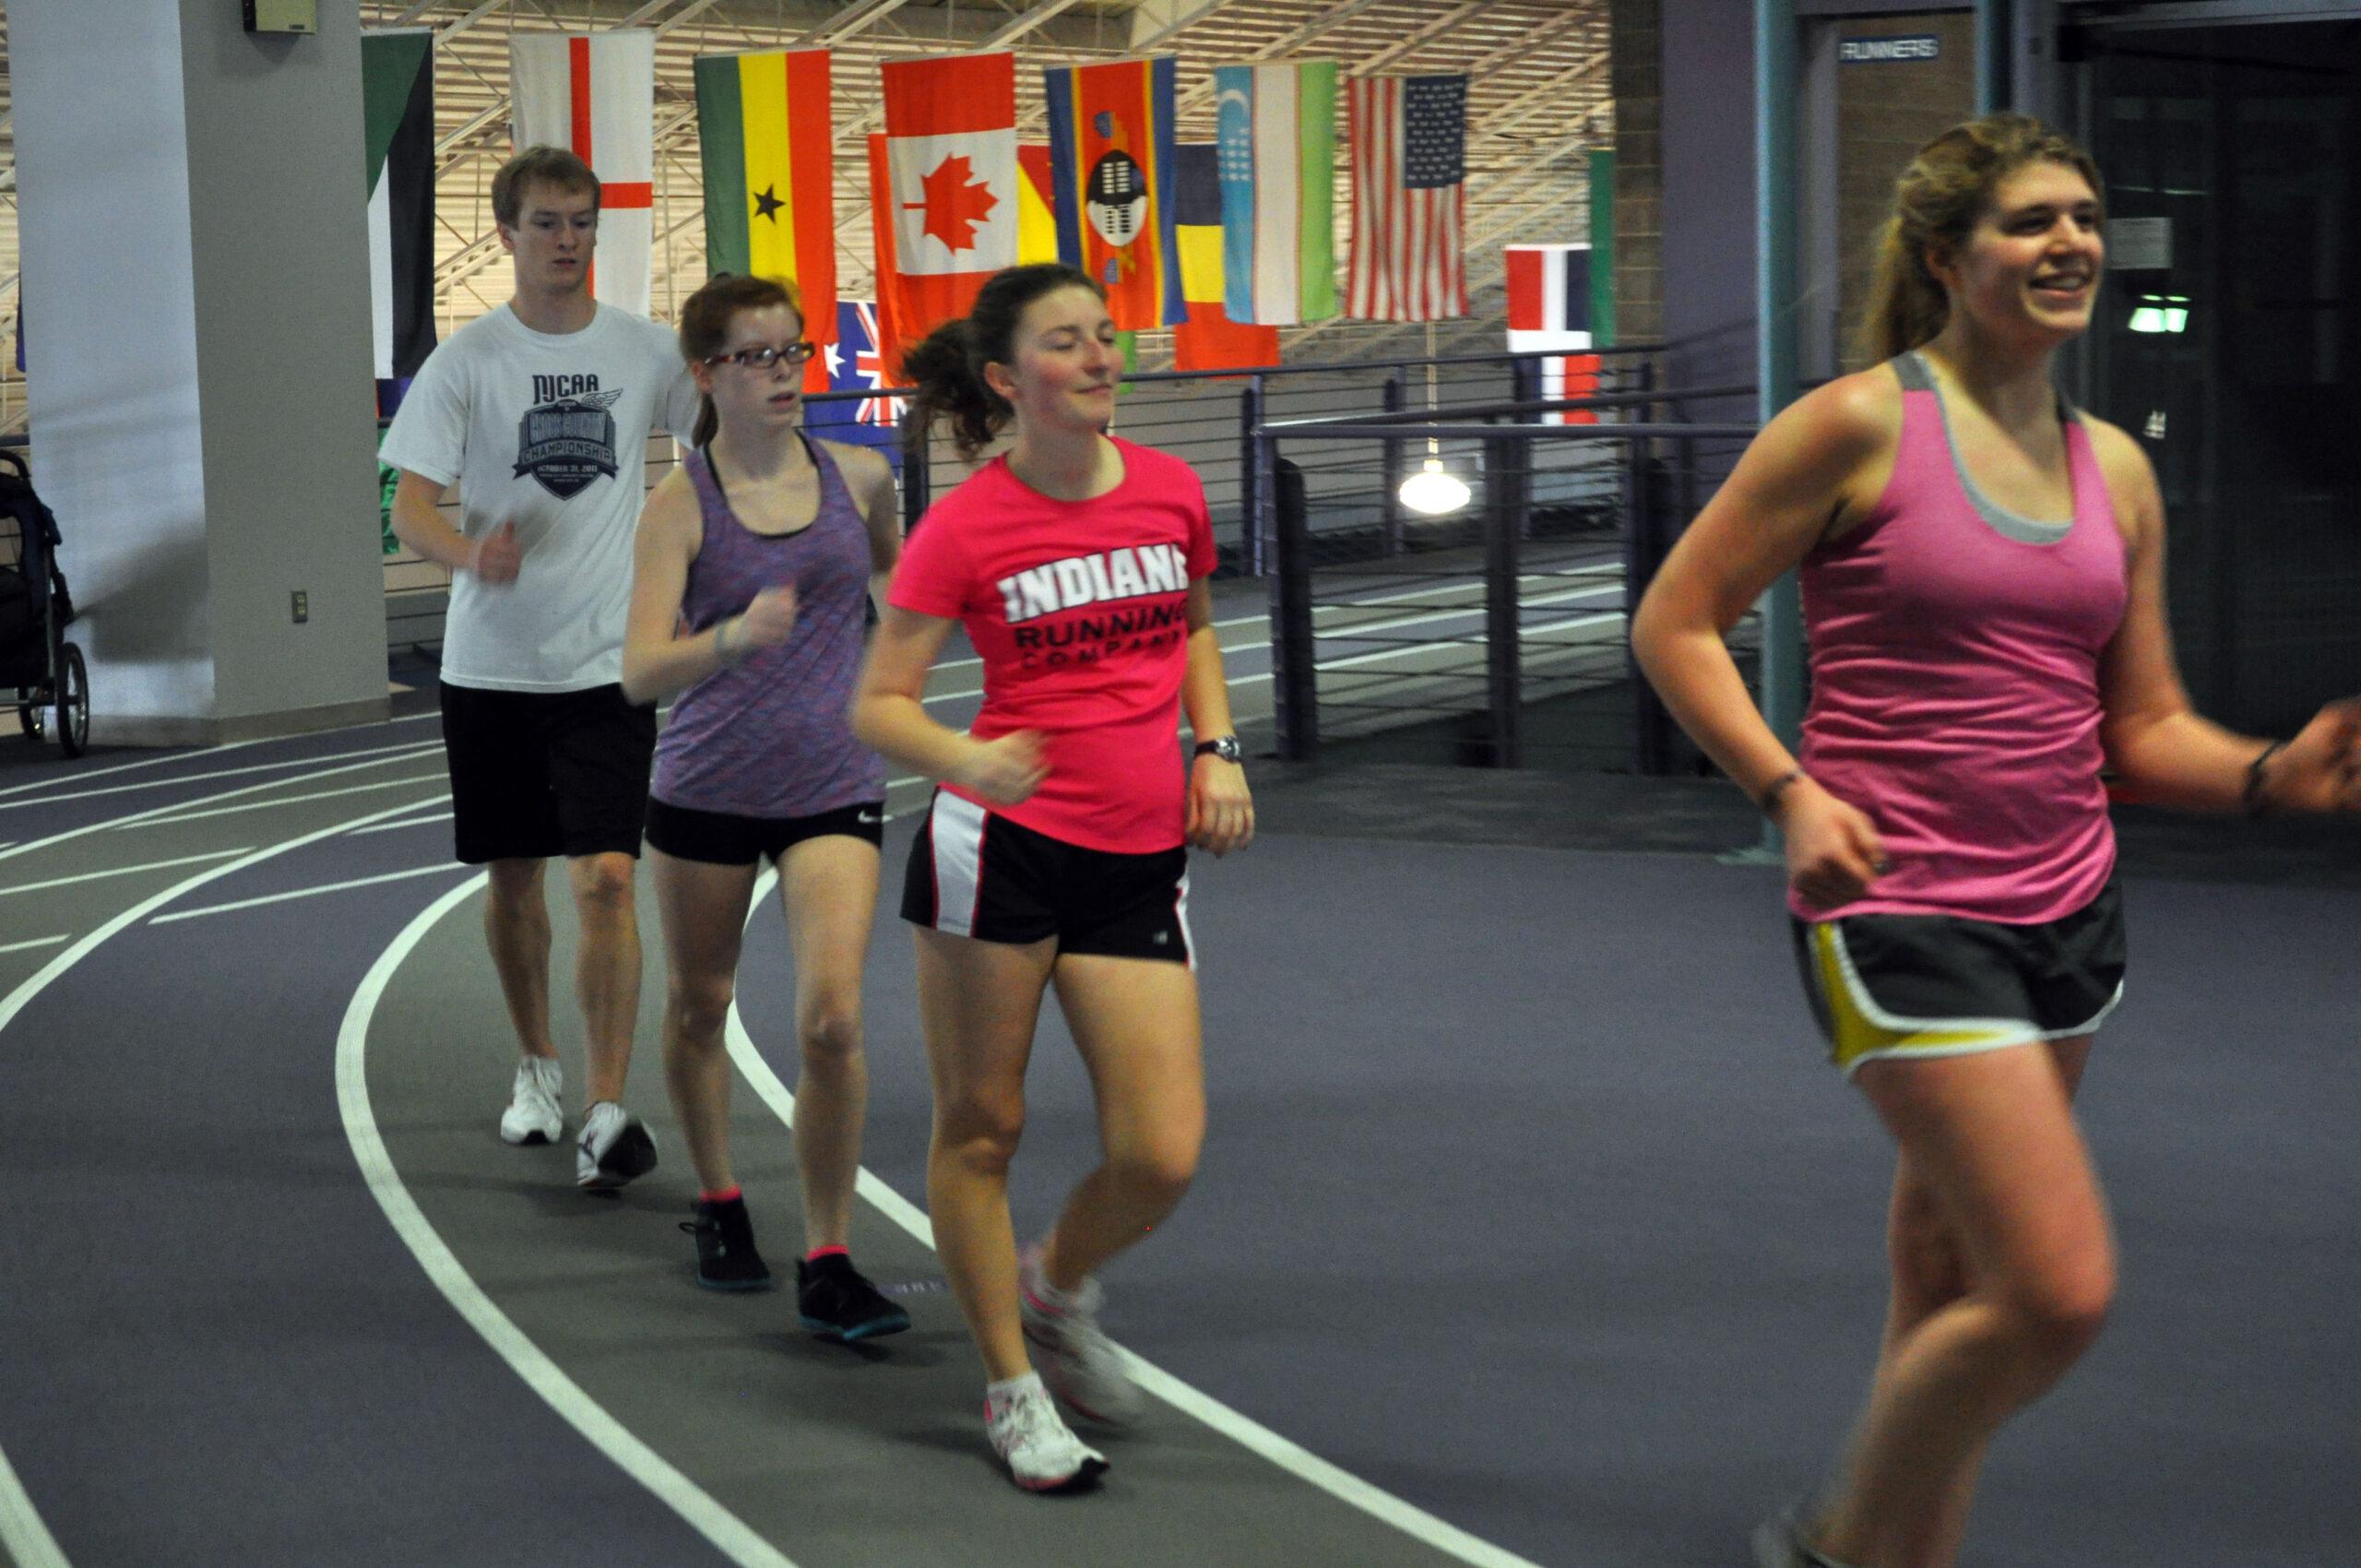 race walkers on indoor track